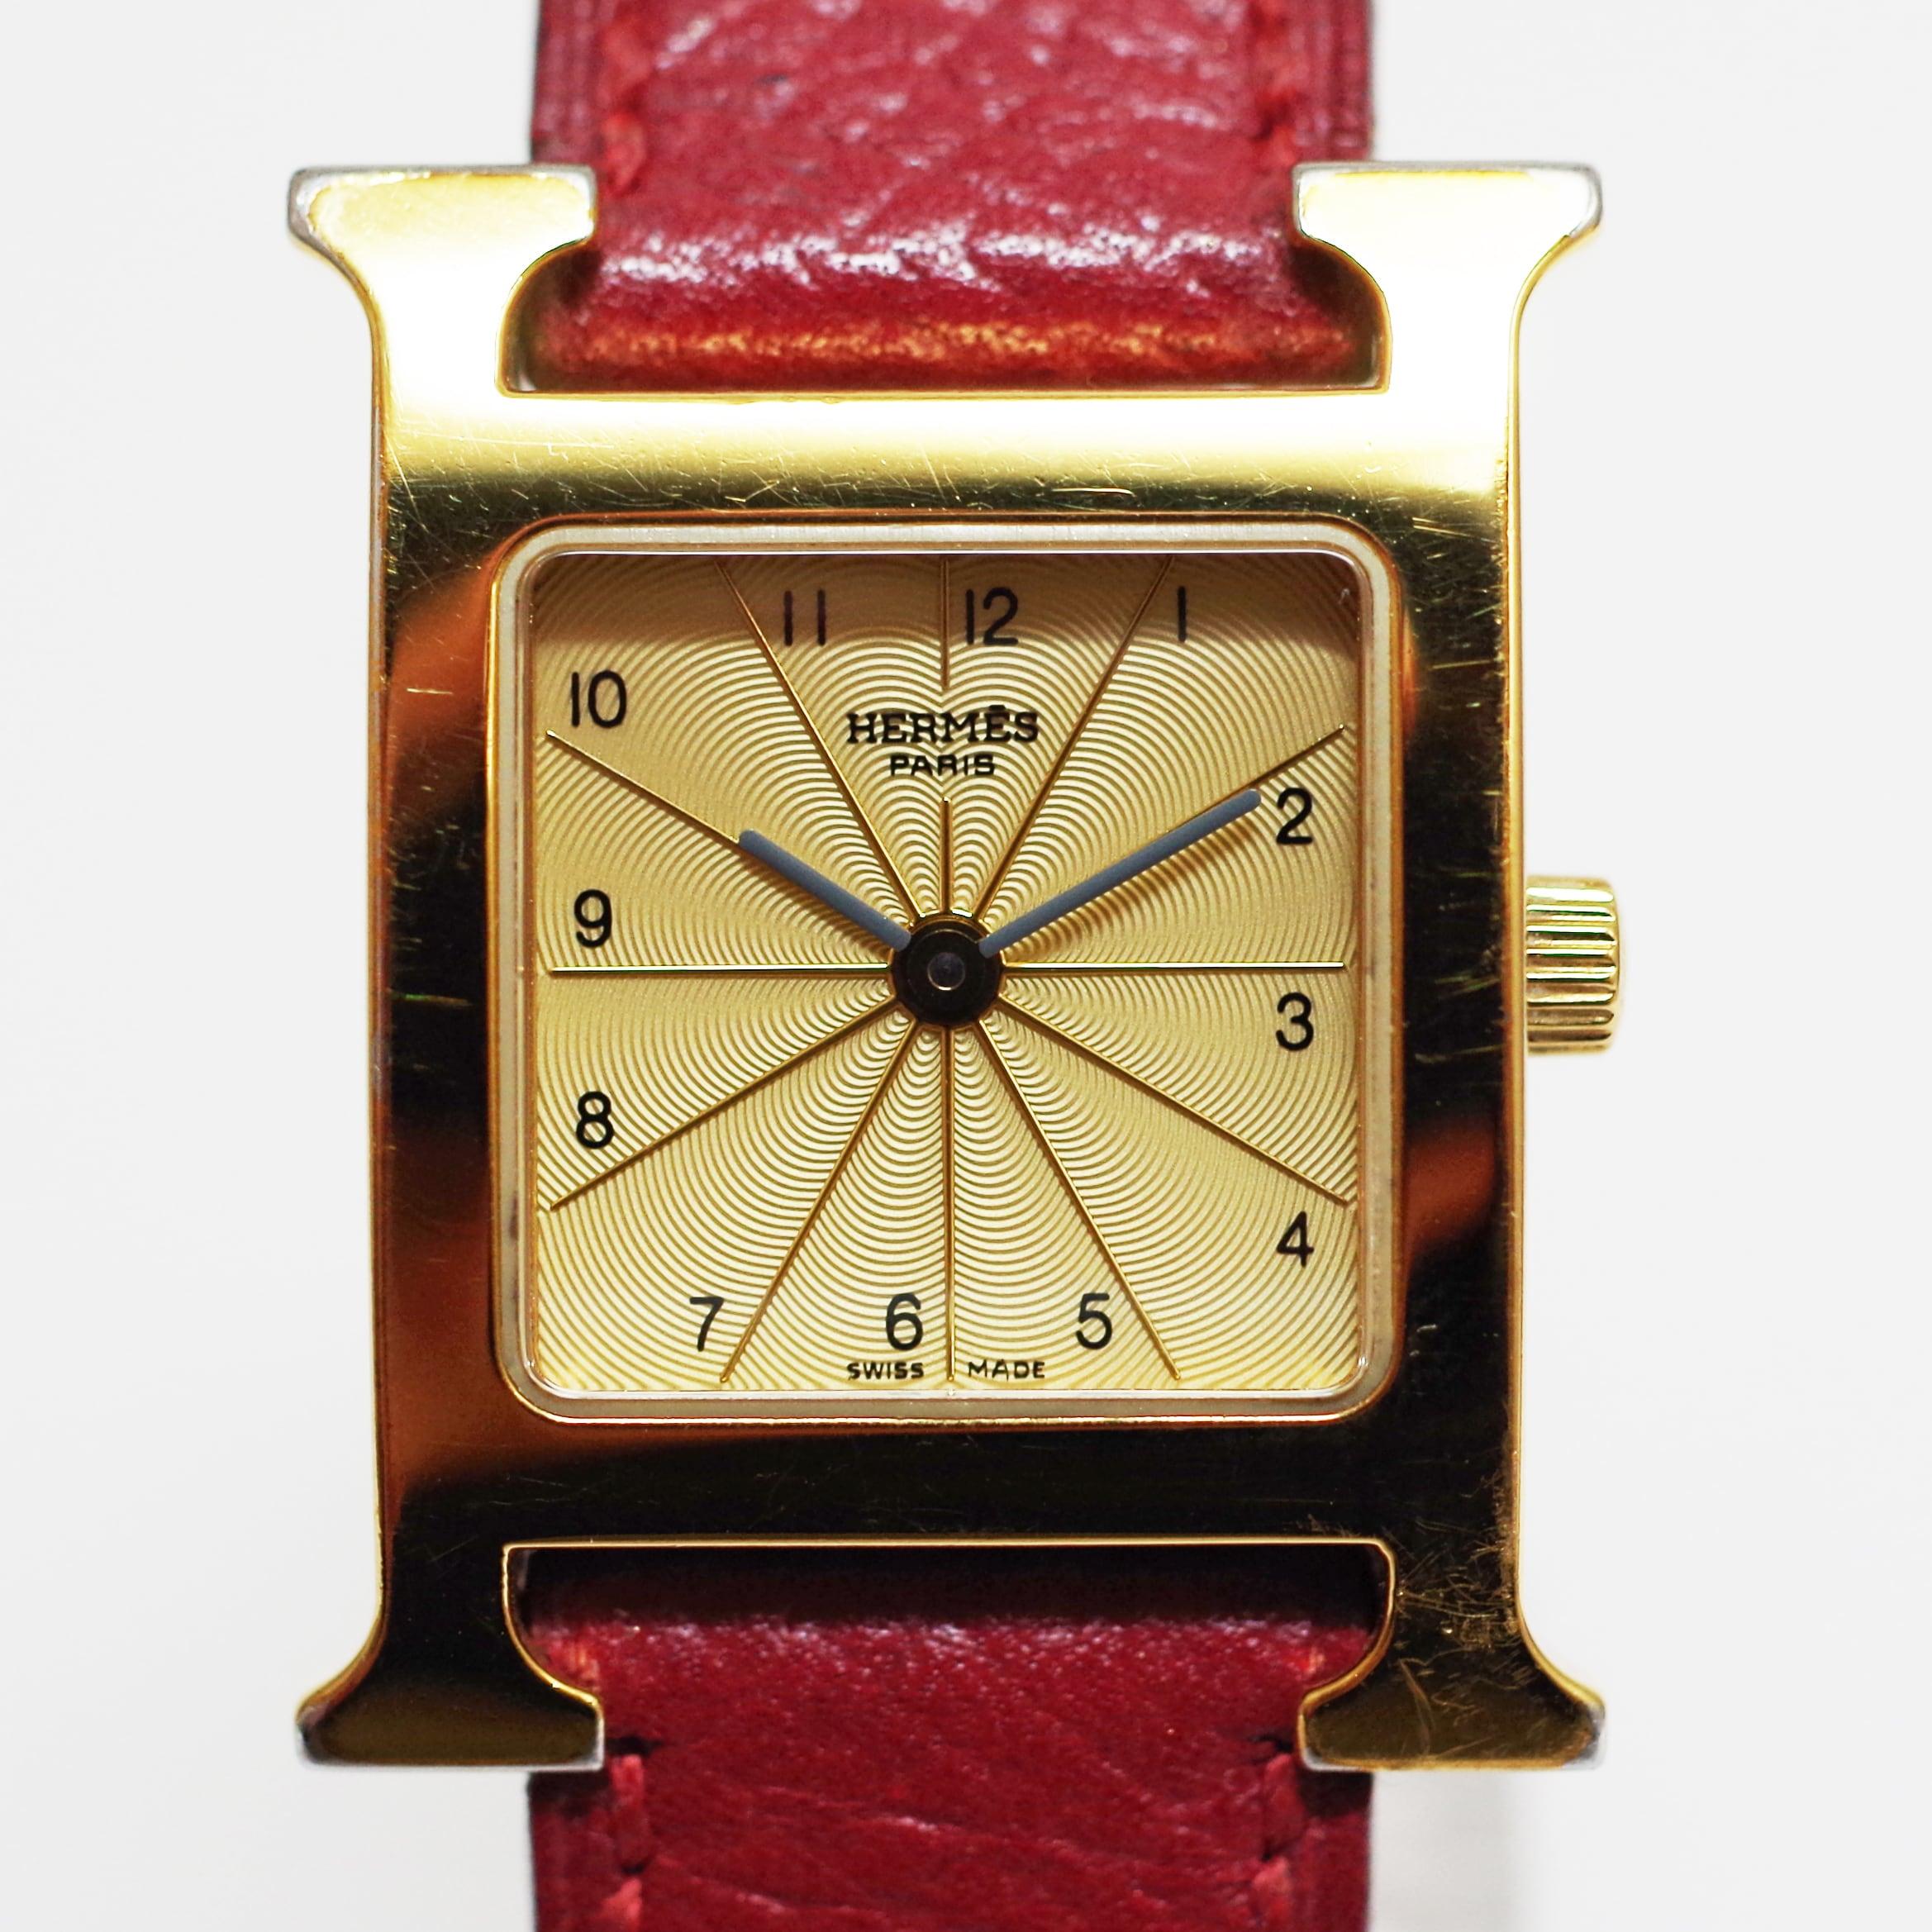 HERMES エルメス PM HH1.201 Hウォッチ SS クォーツ ゴールド 革ベルト 腕時計 レディース